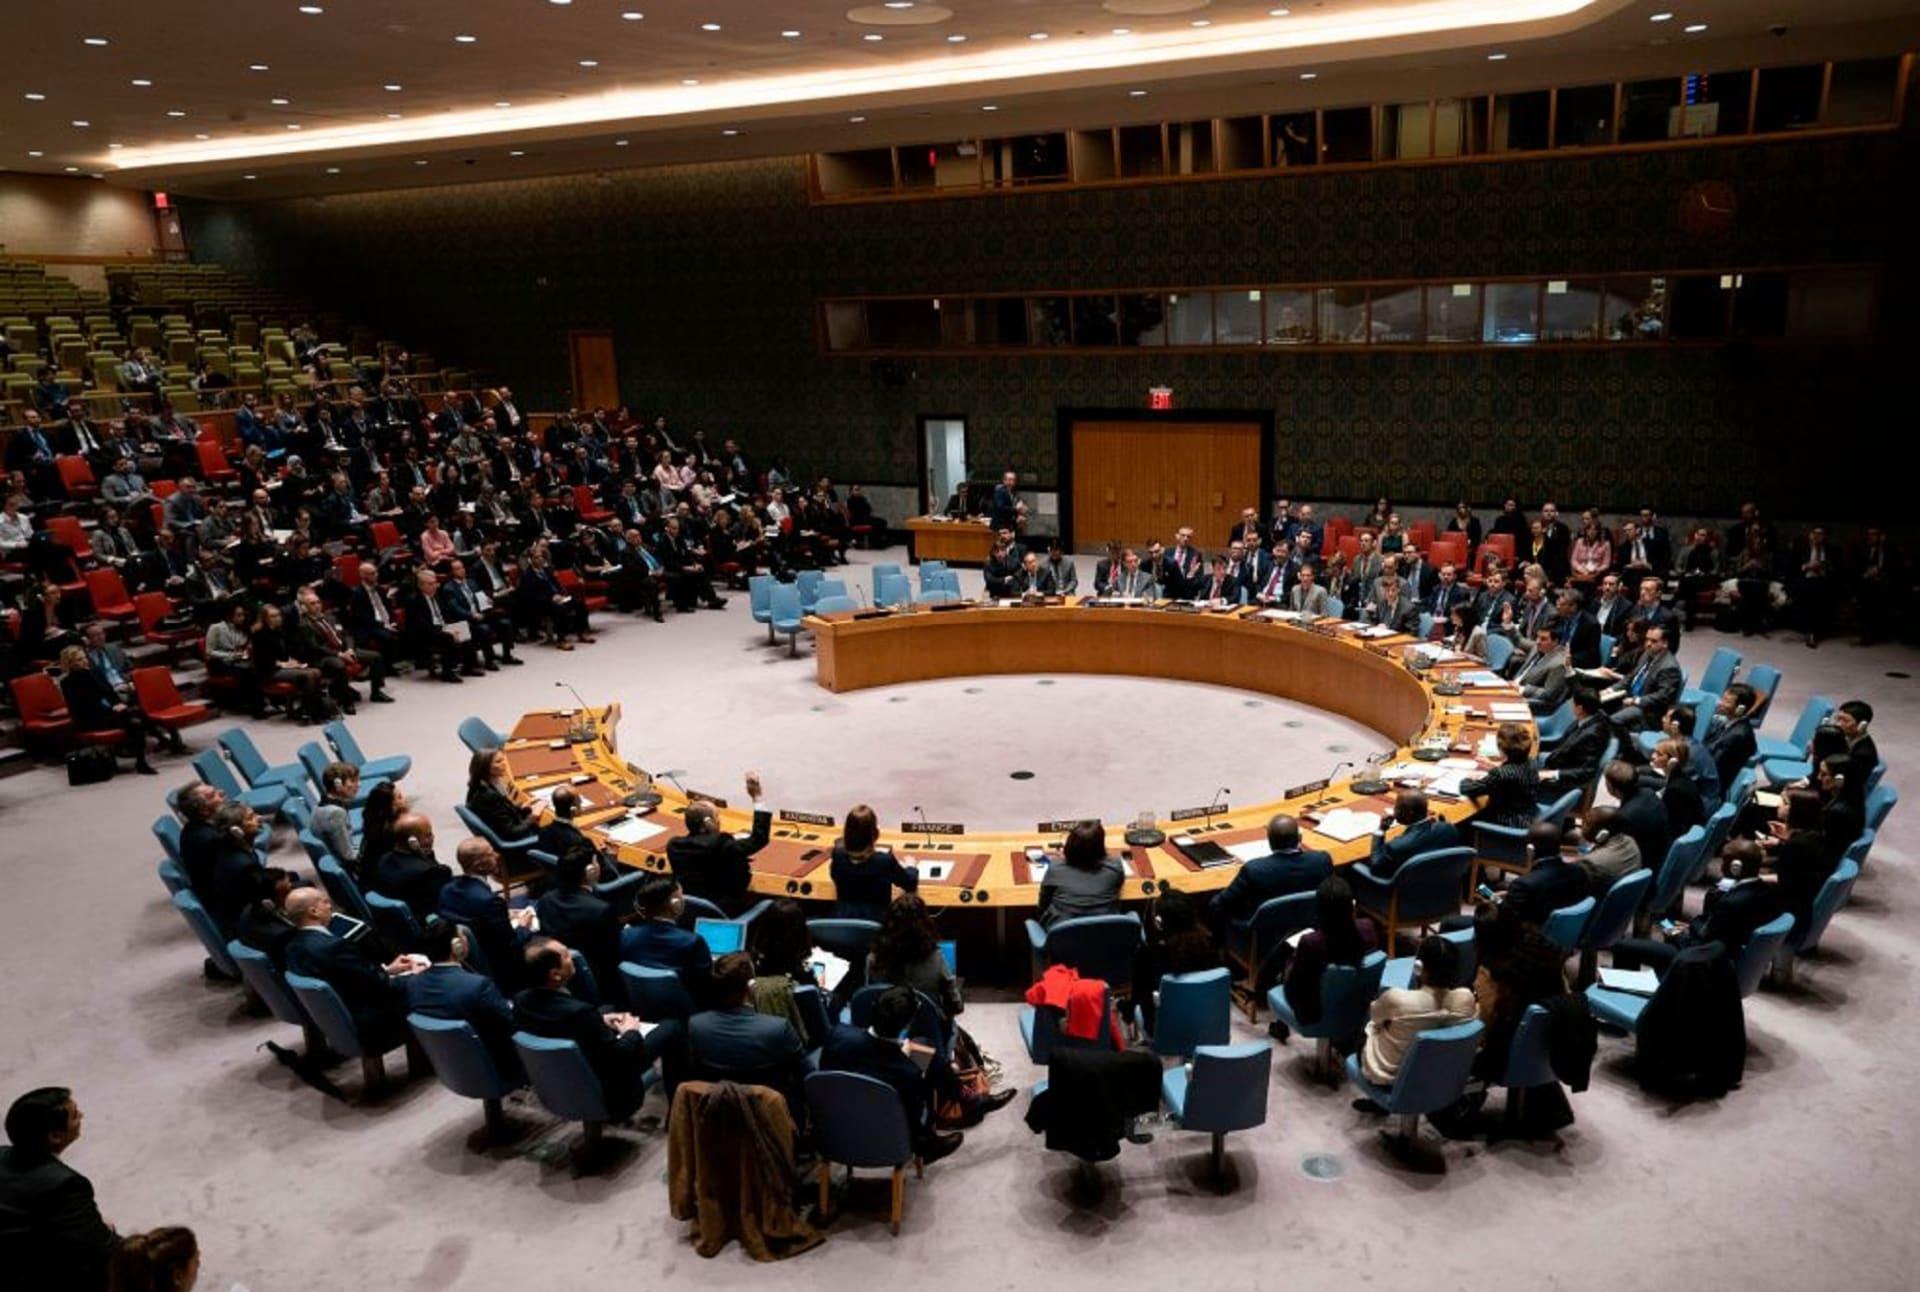 بالإجماع.. مجلس الأمن يعتمد قرارا حول اليمن: احترام اتفاق ستوكهولم ضرورة